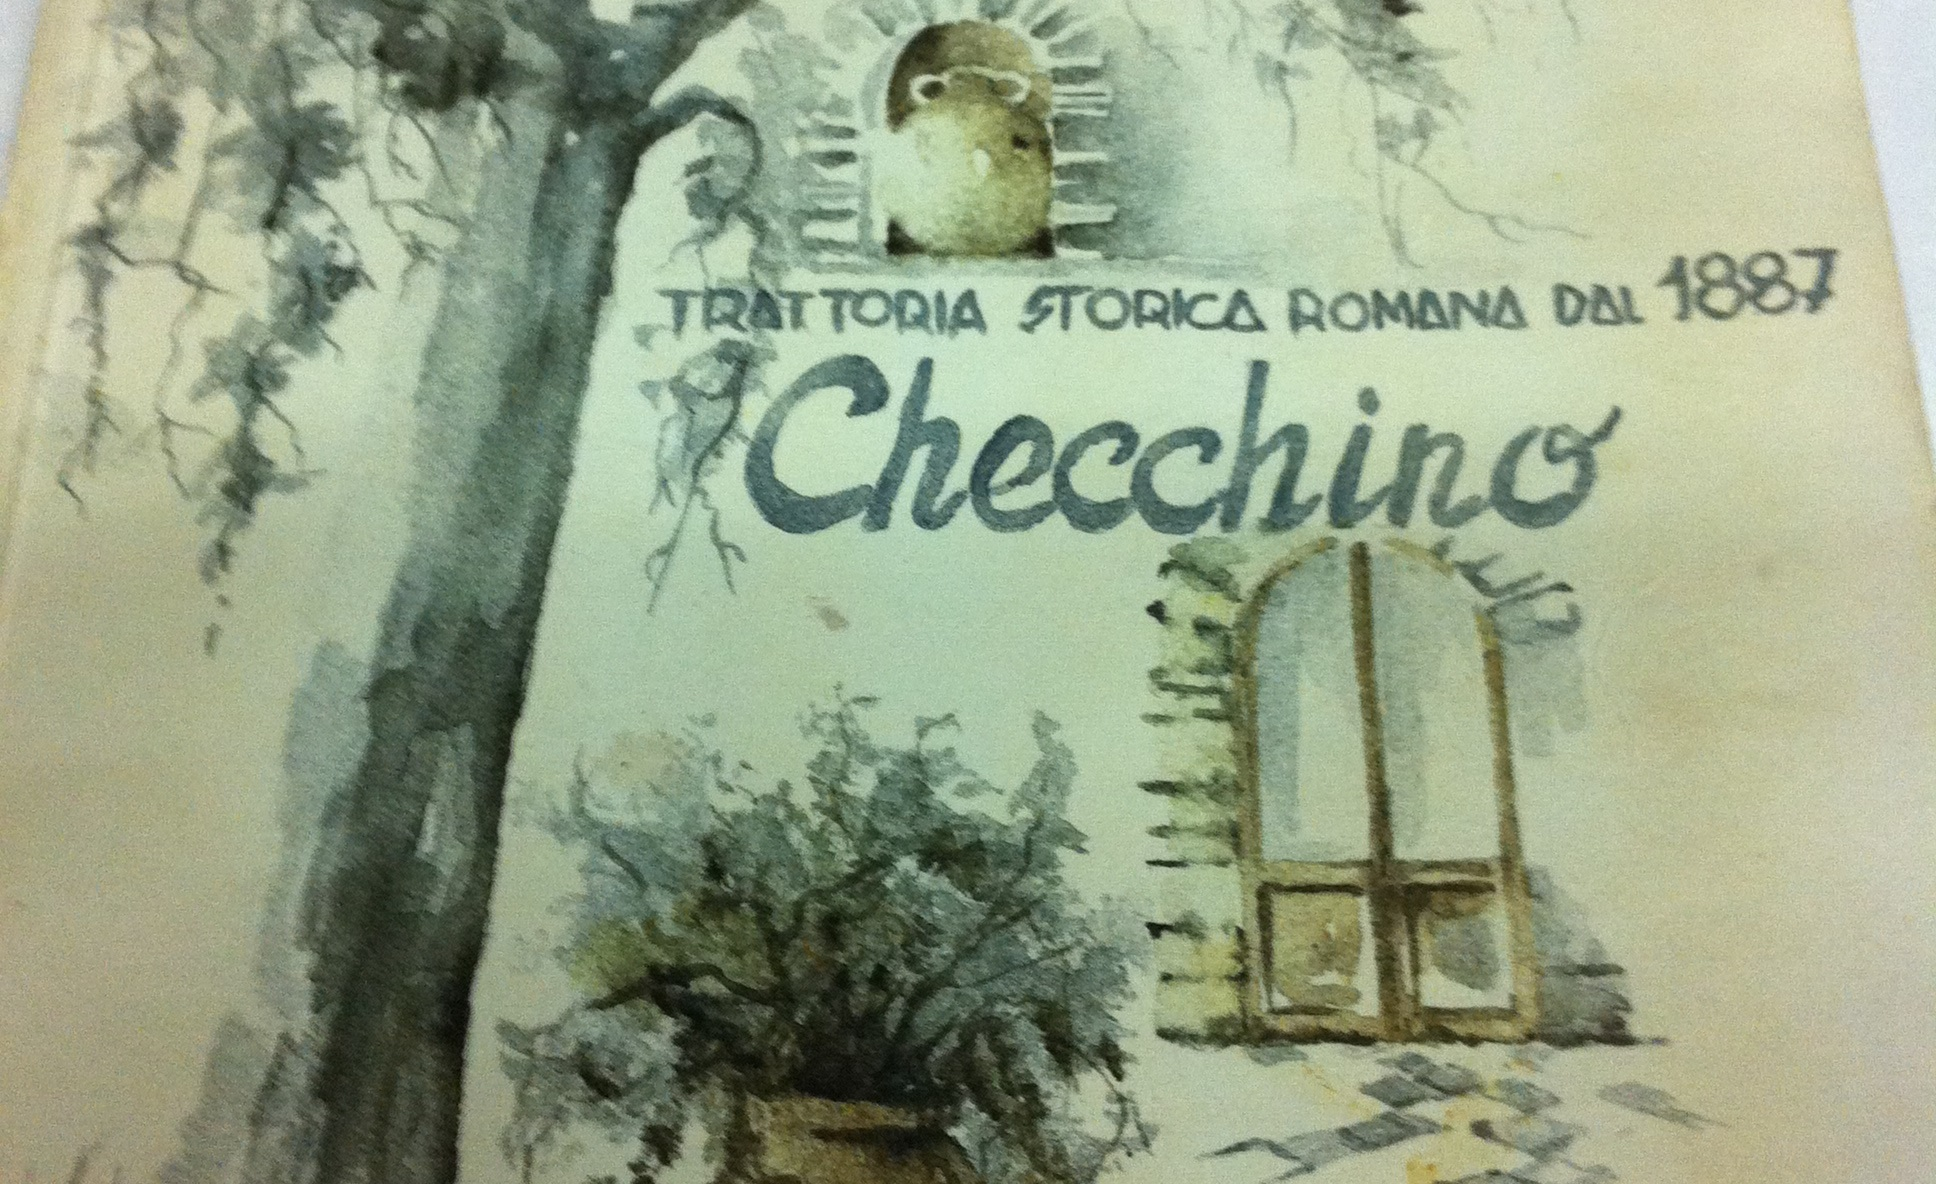 ChecchinoDal1887Nome